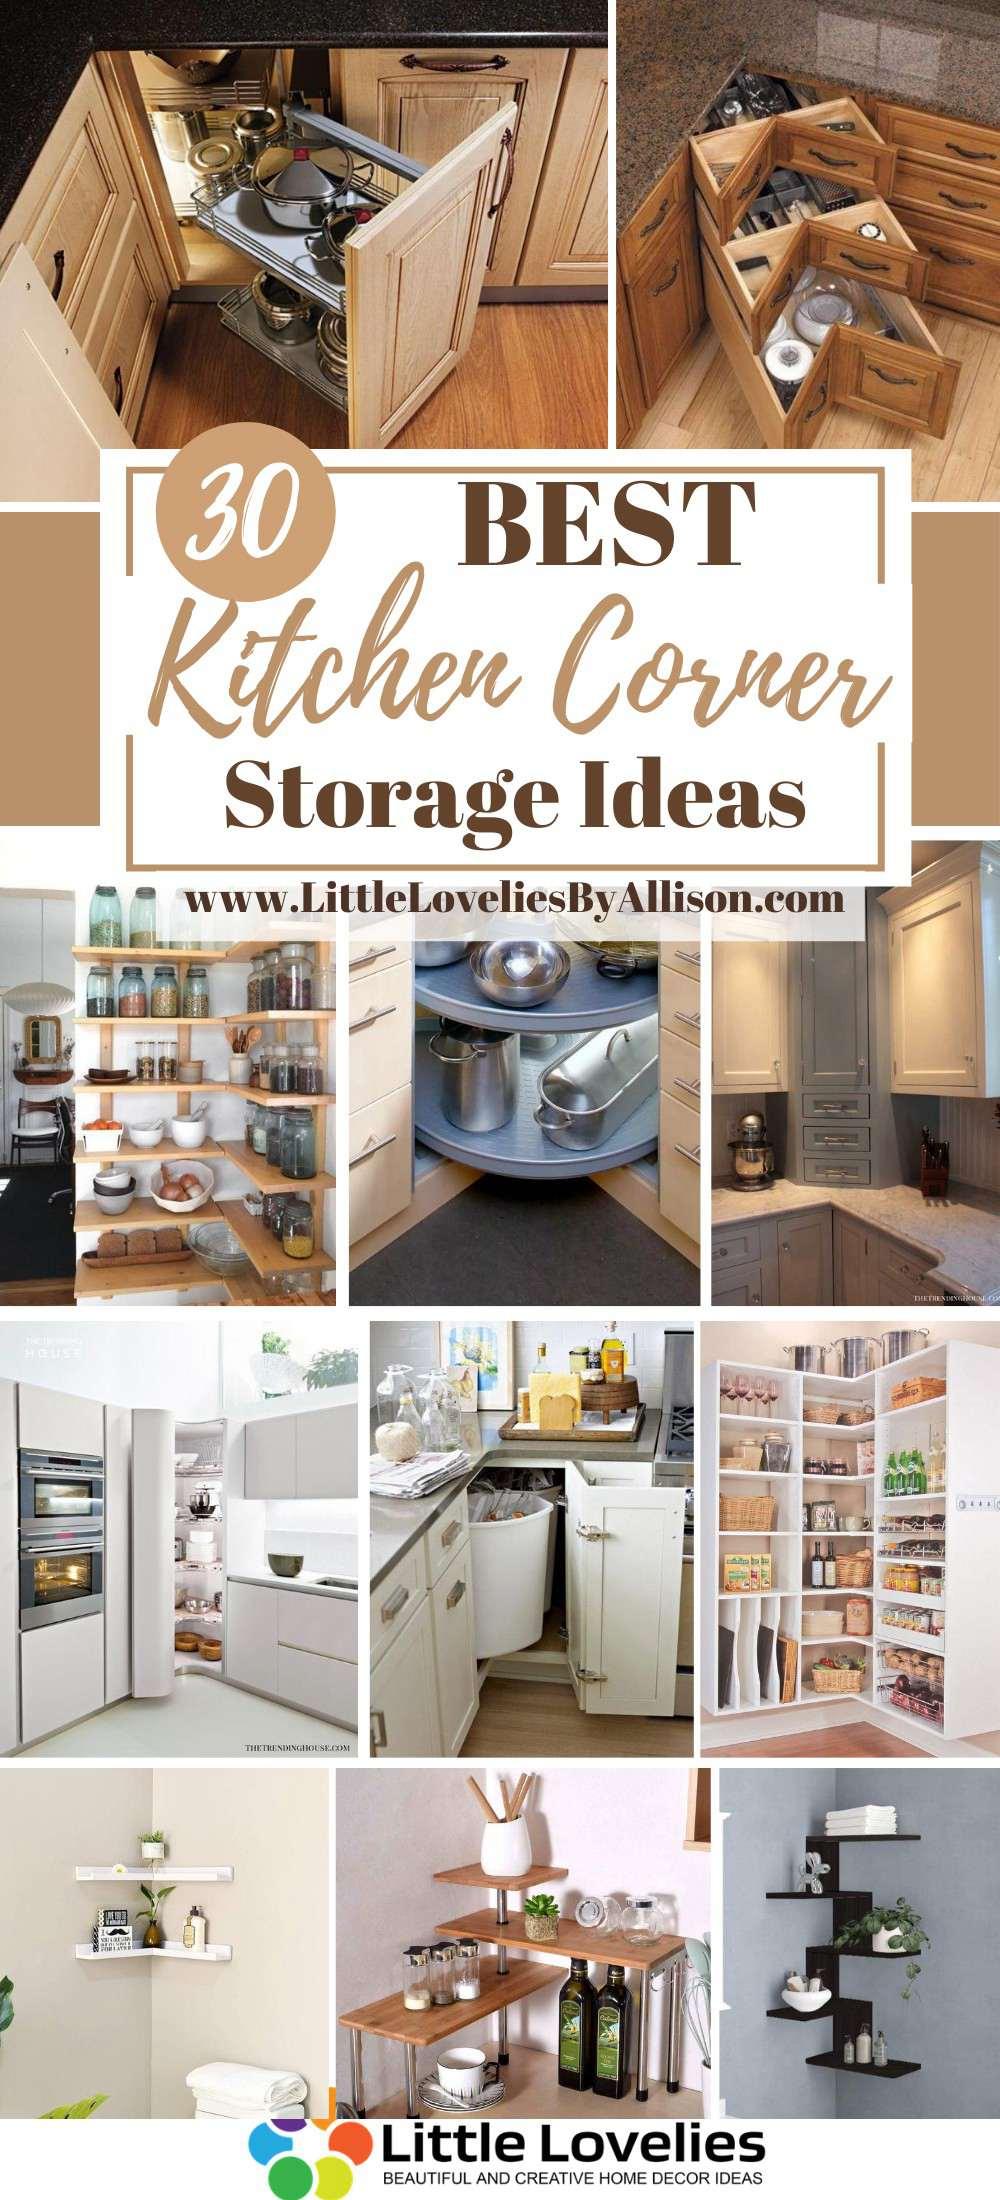 Best Kitchen Corner Storage Ideas